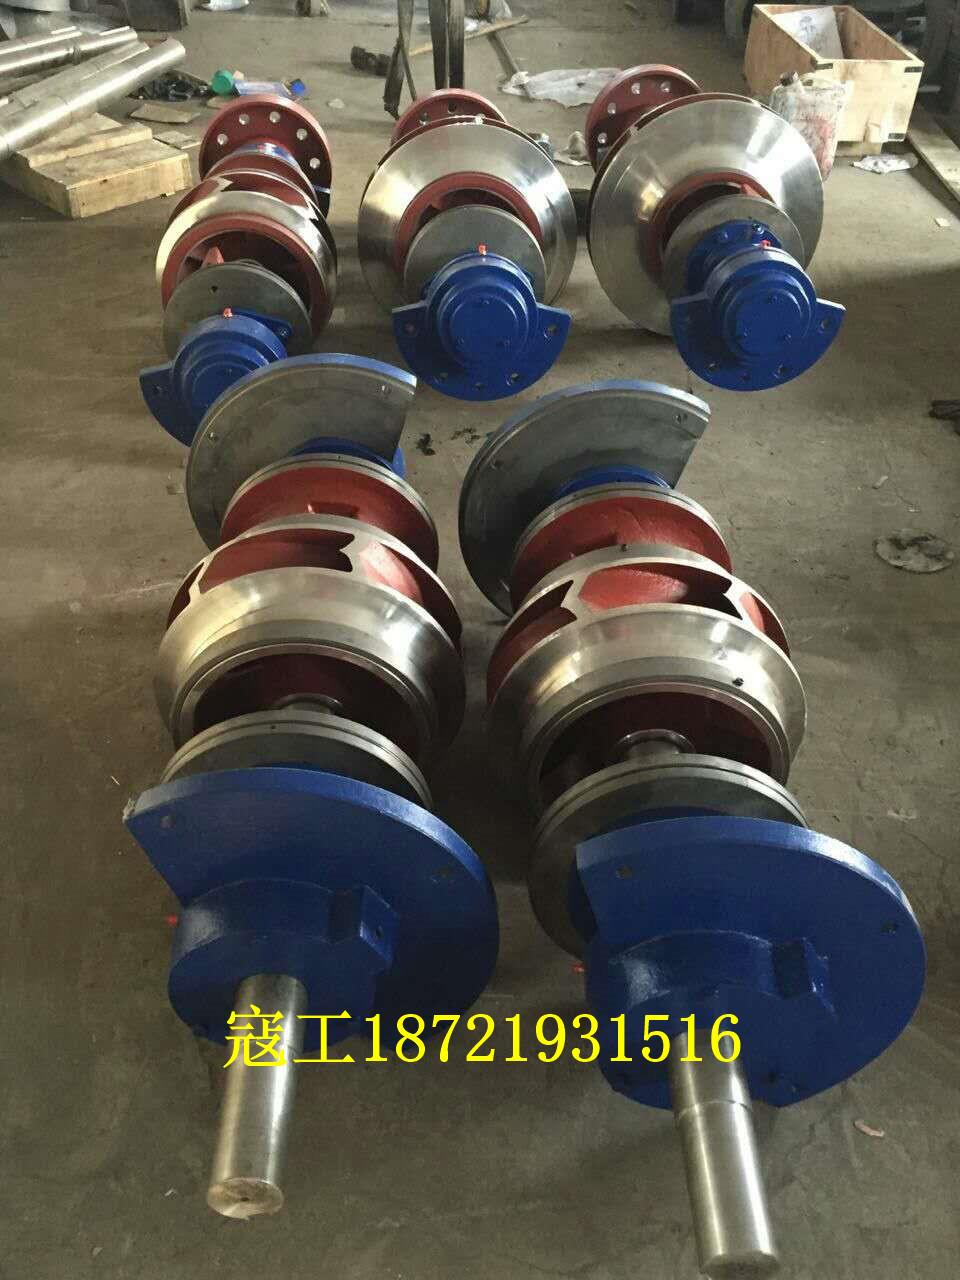 上海凯泉KQSN东方DFSS连成SLOW水泵叶轮机封 海南海口三亚三沙儋州销售